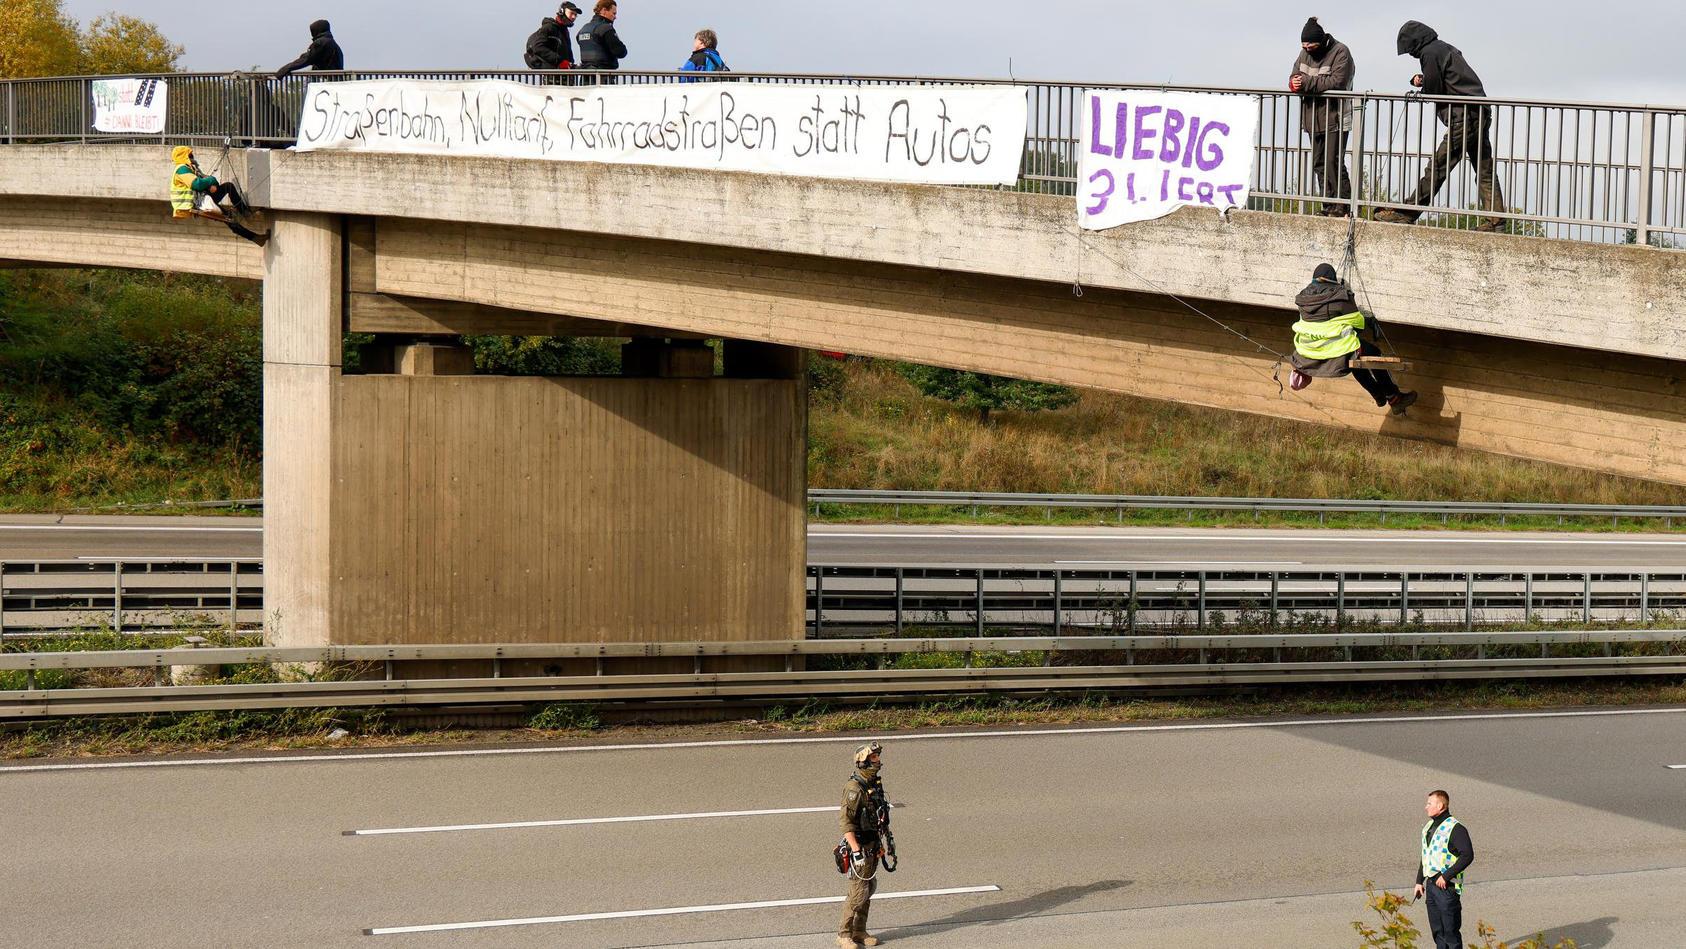 Umweltaktivisten blockieren Autobahn